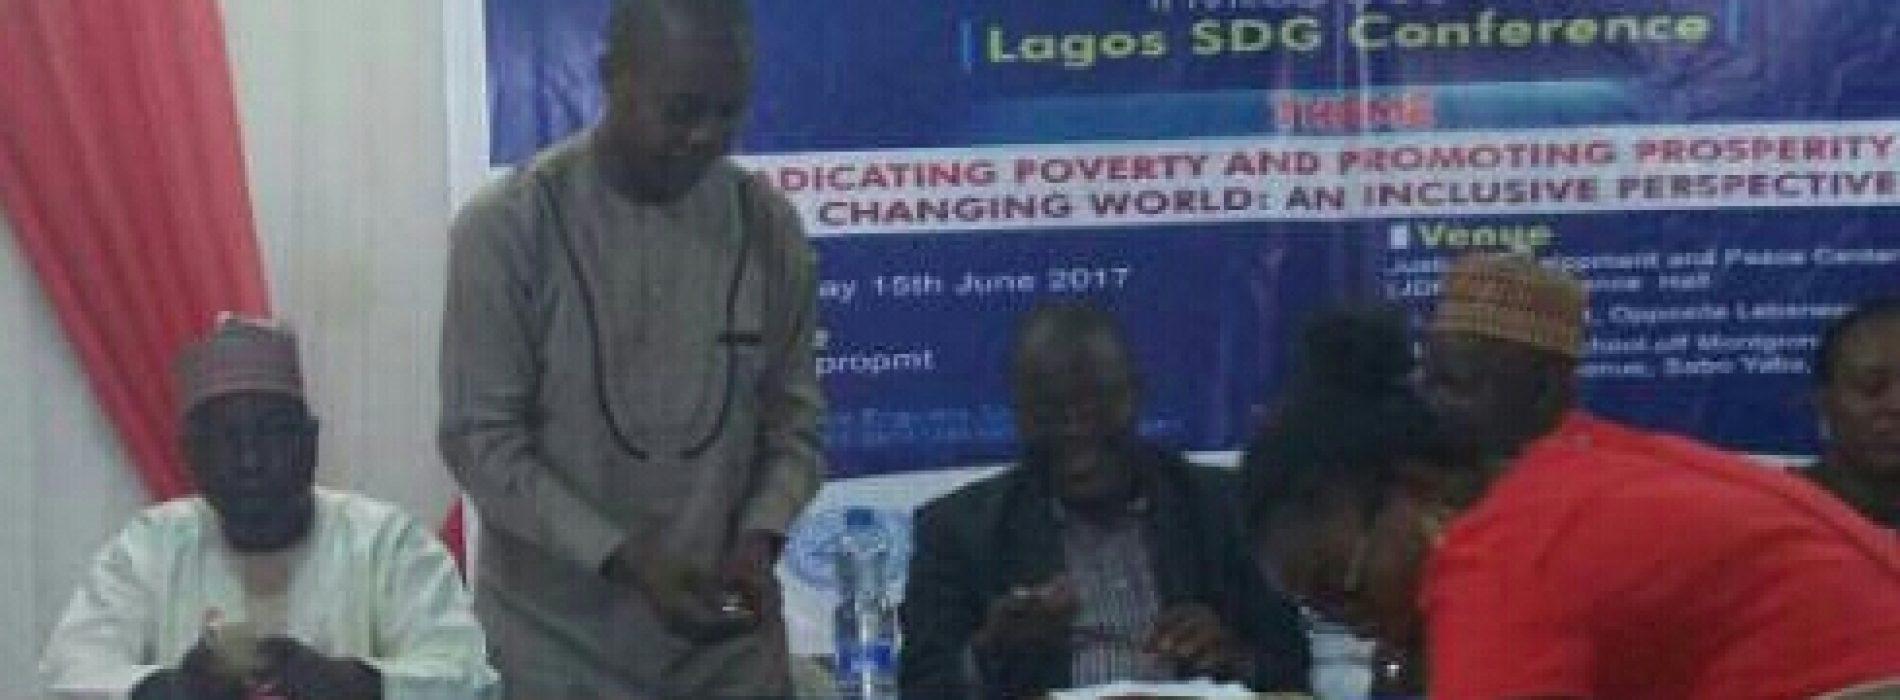 Group laments states' nonchalance towards SDGs